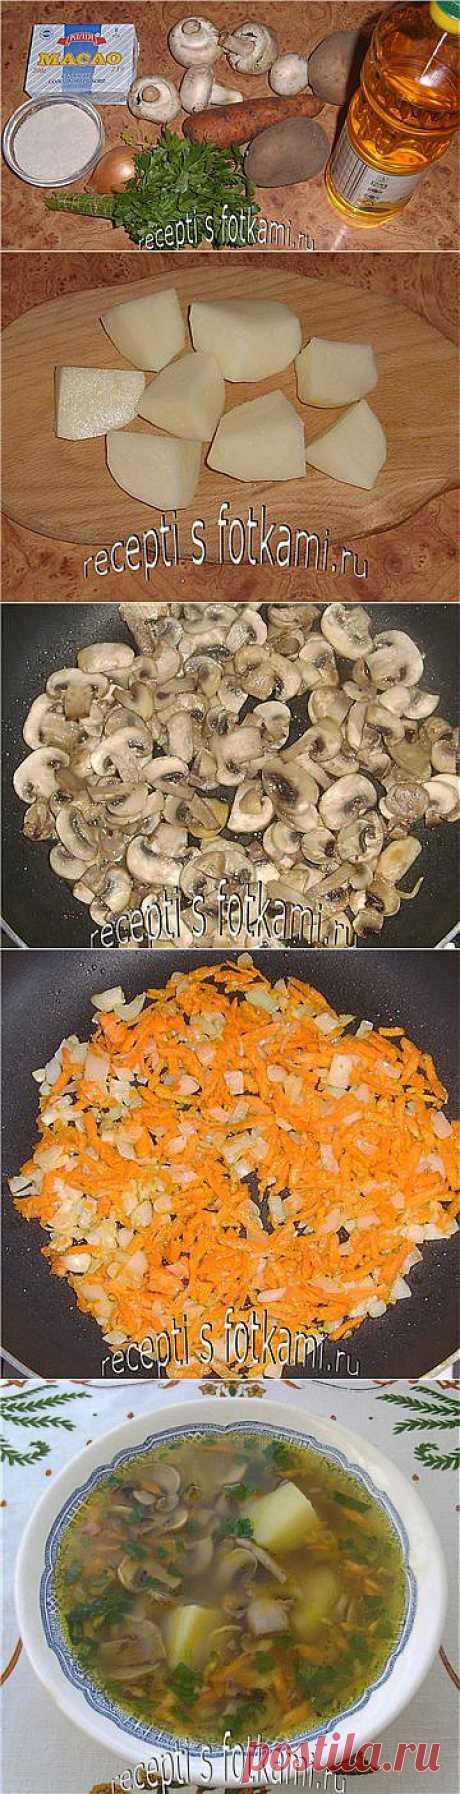 Как приготовить грибной суп из шампиньонов - пошаговый  с фото